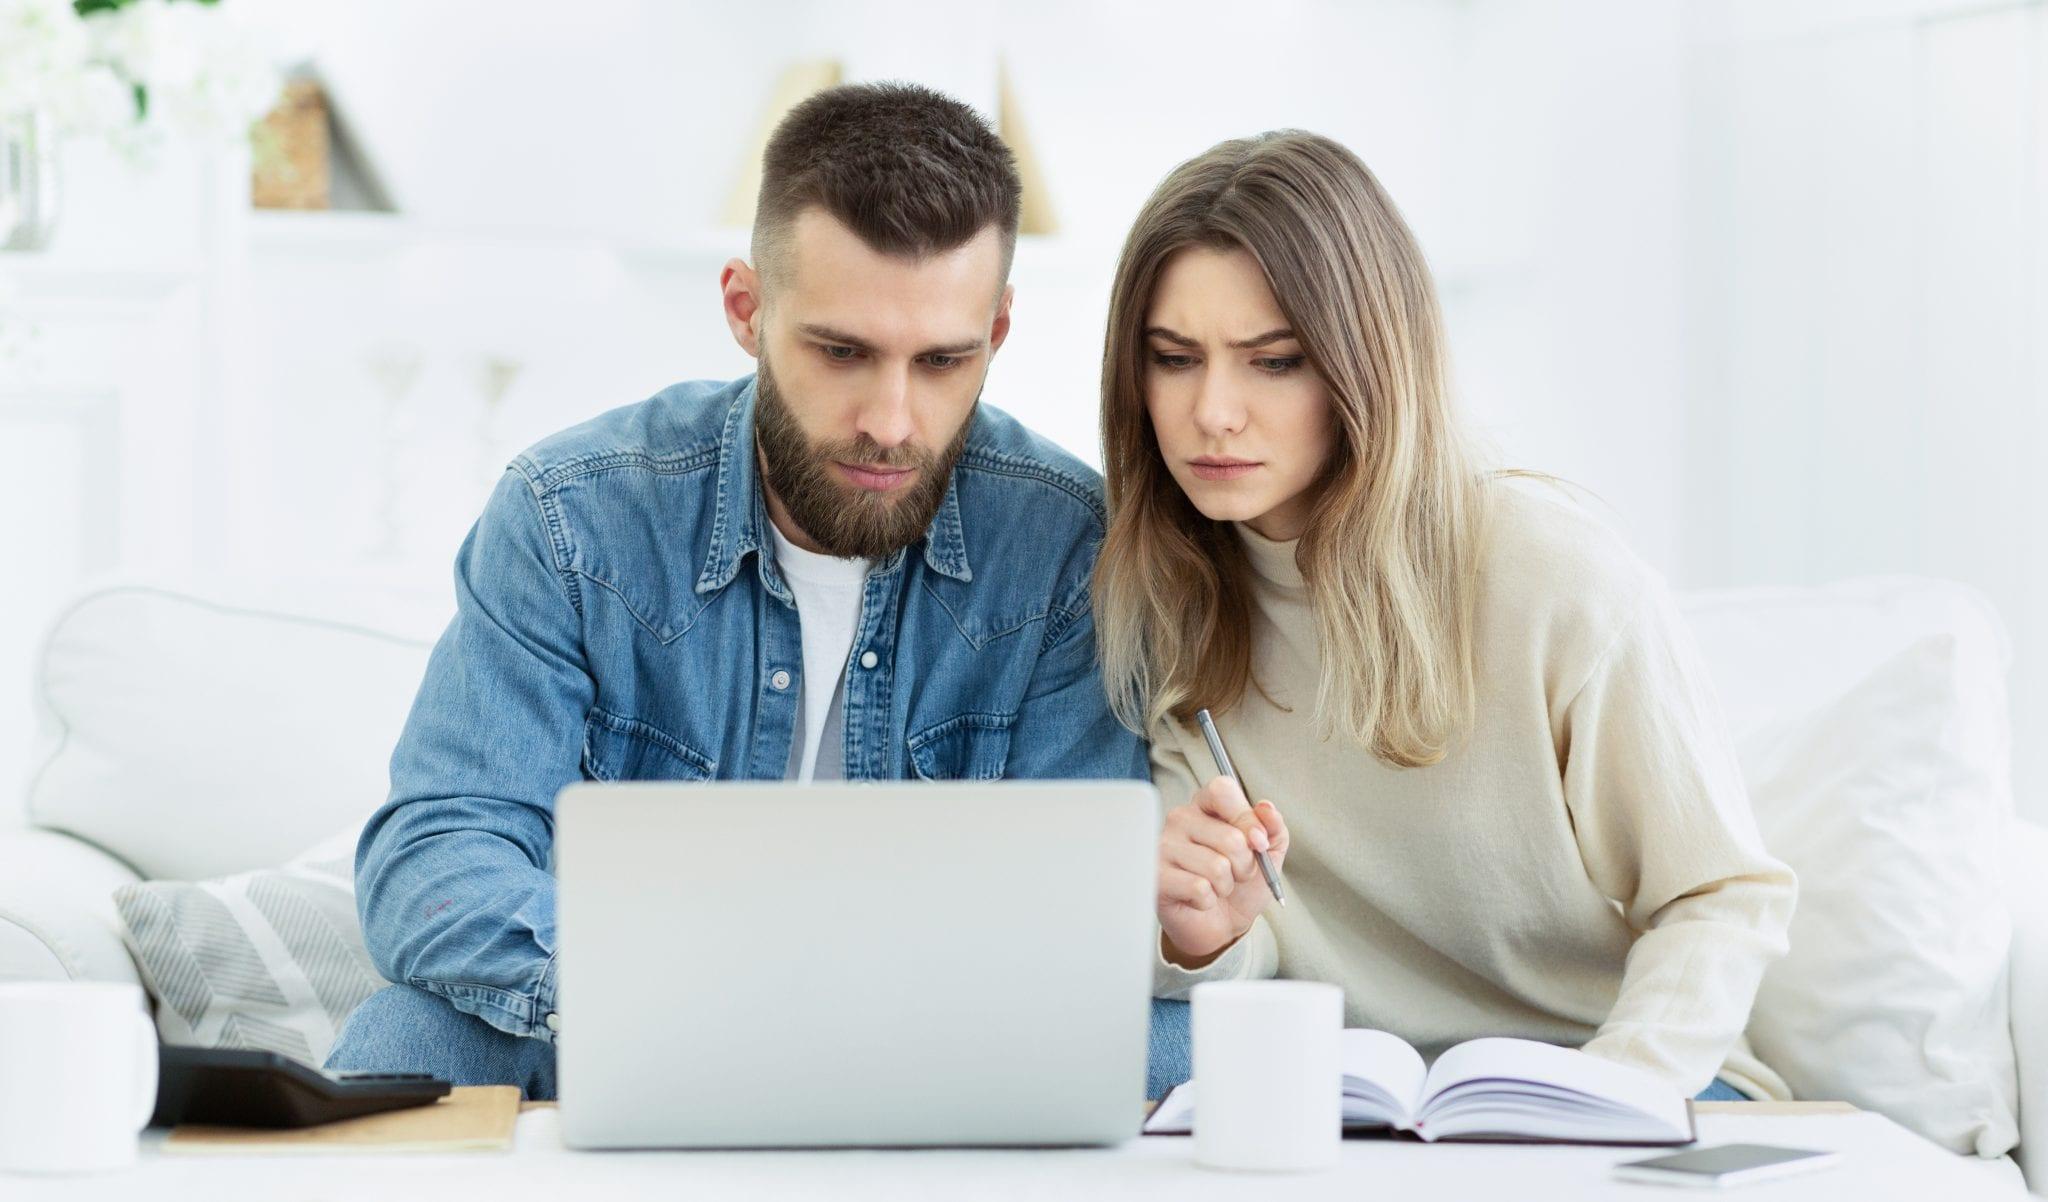 Couple in Debt